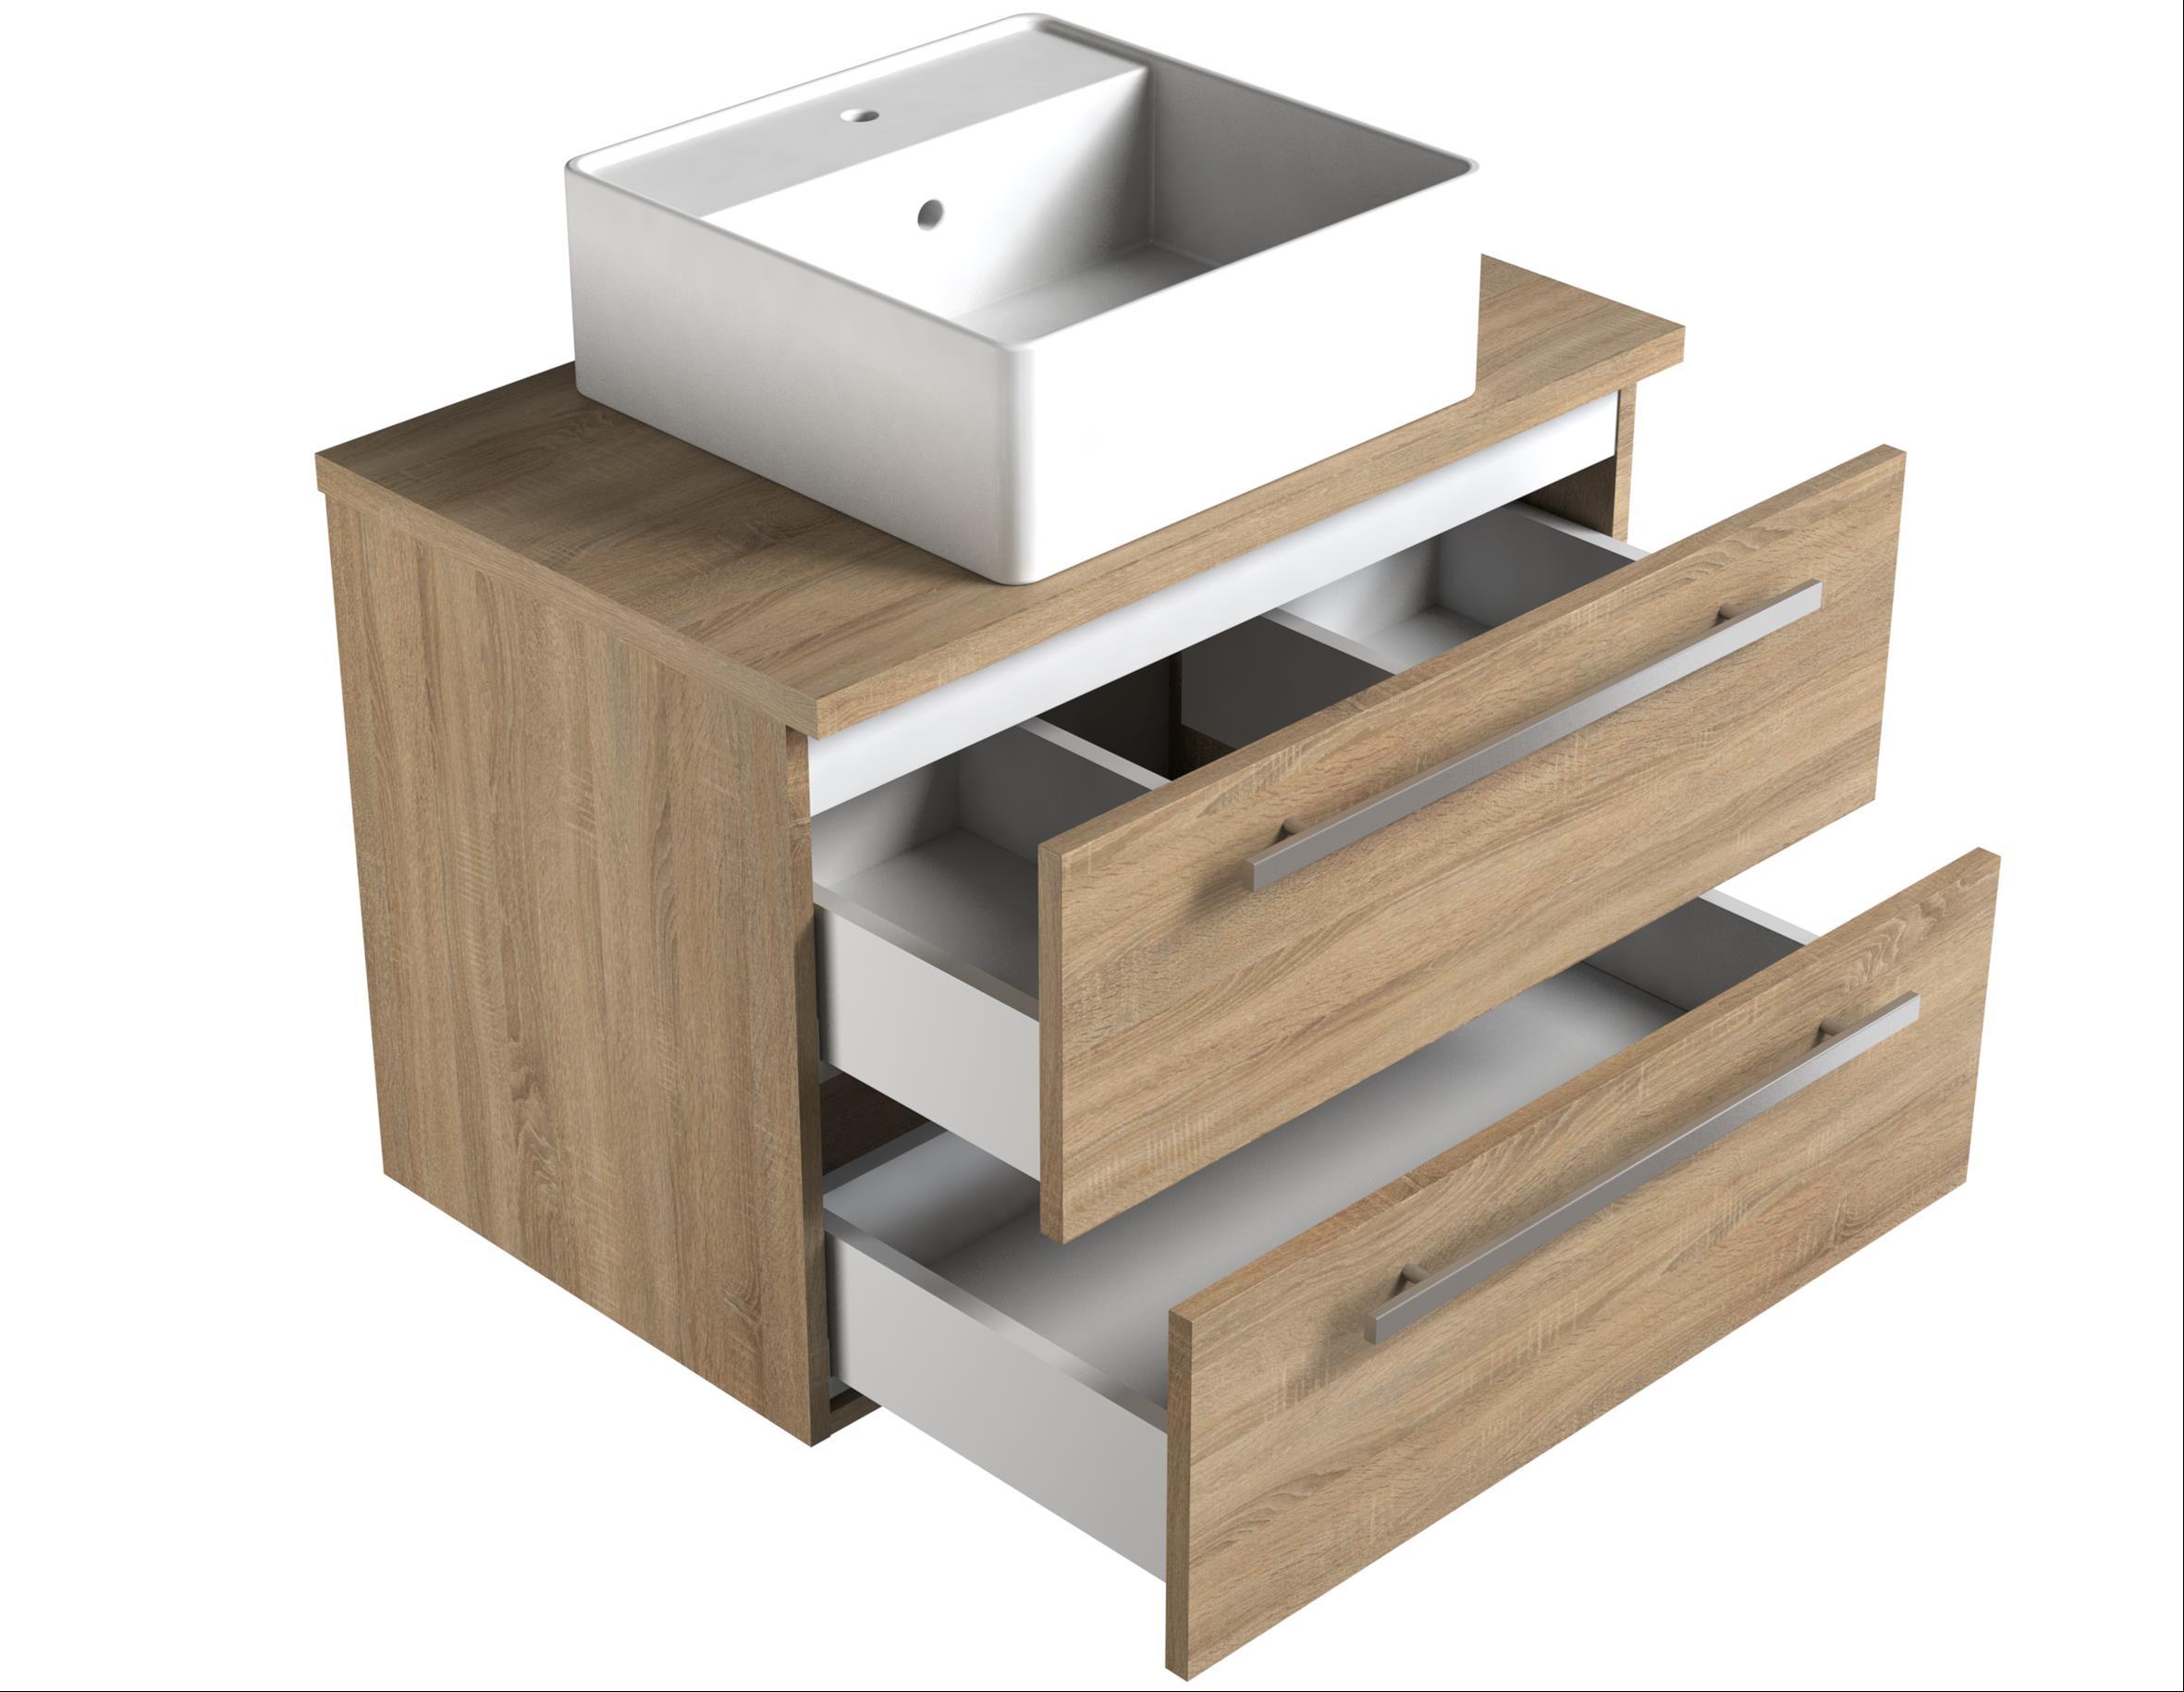 Bad Waschtischunterschrank mit Waschtischplatte und eckigem Aufsatzbecken Serena 60 Weiß glänzend/Eiche bardolino Bild 3